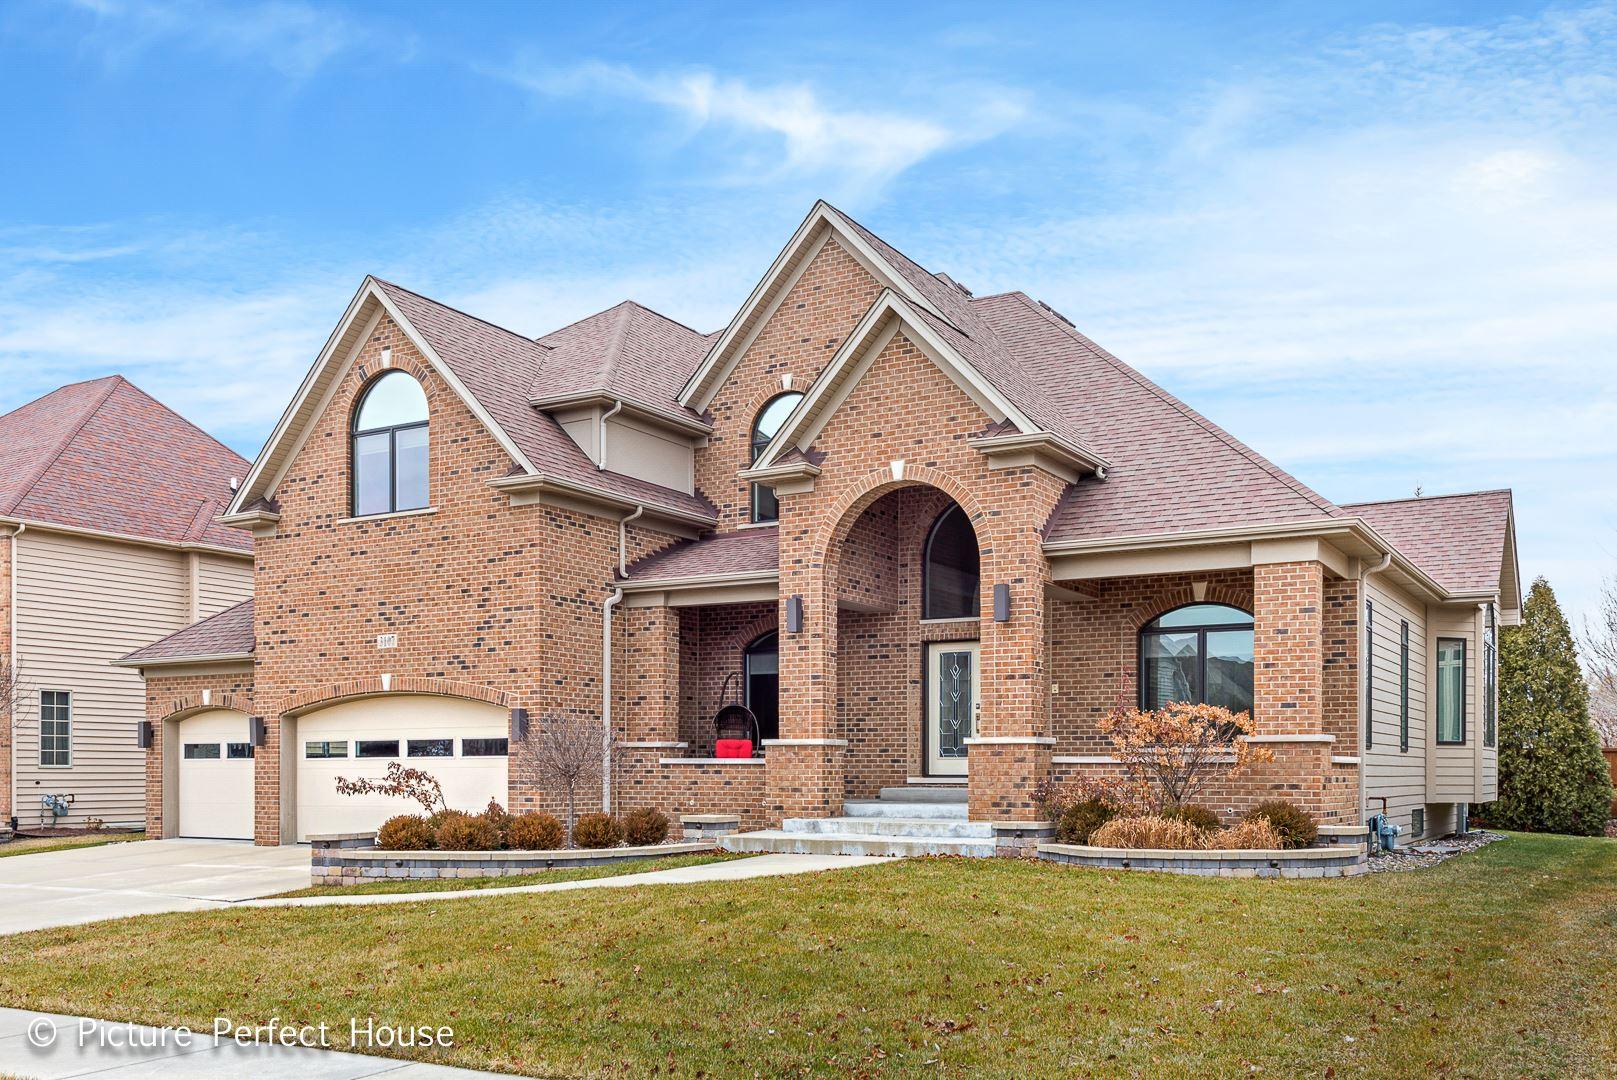 3107 Landore Drive, Naperville, IL 60564 - #: 10745886